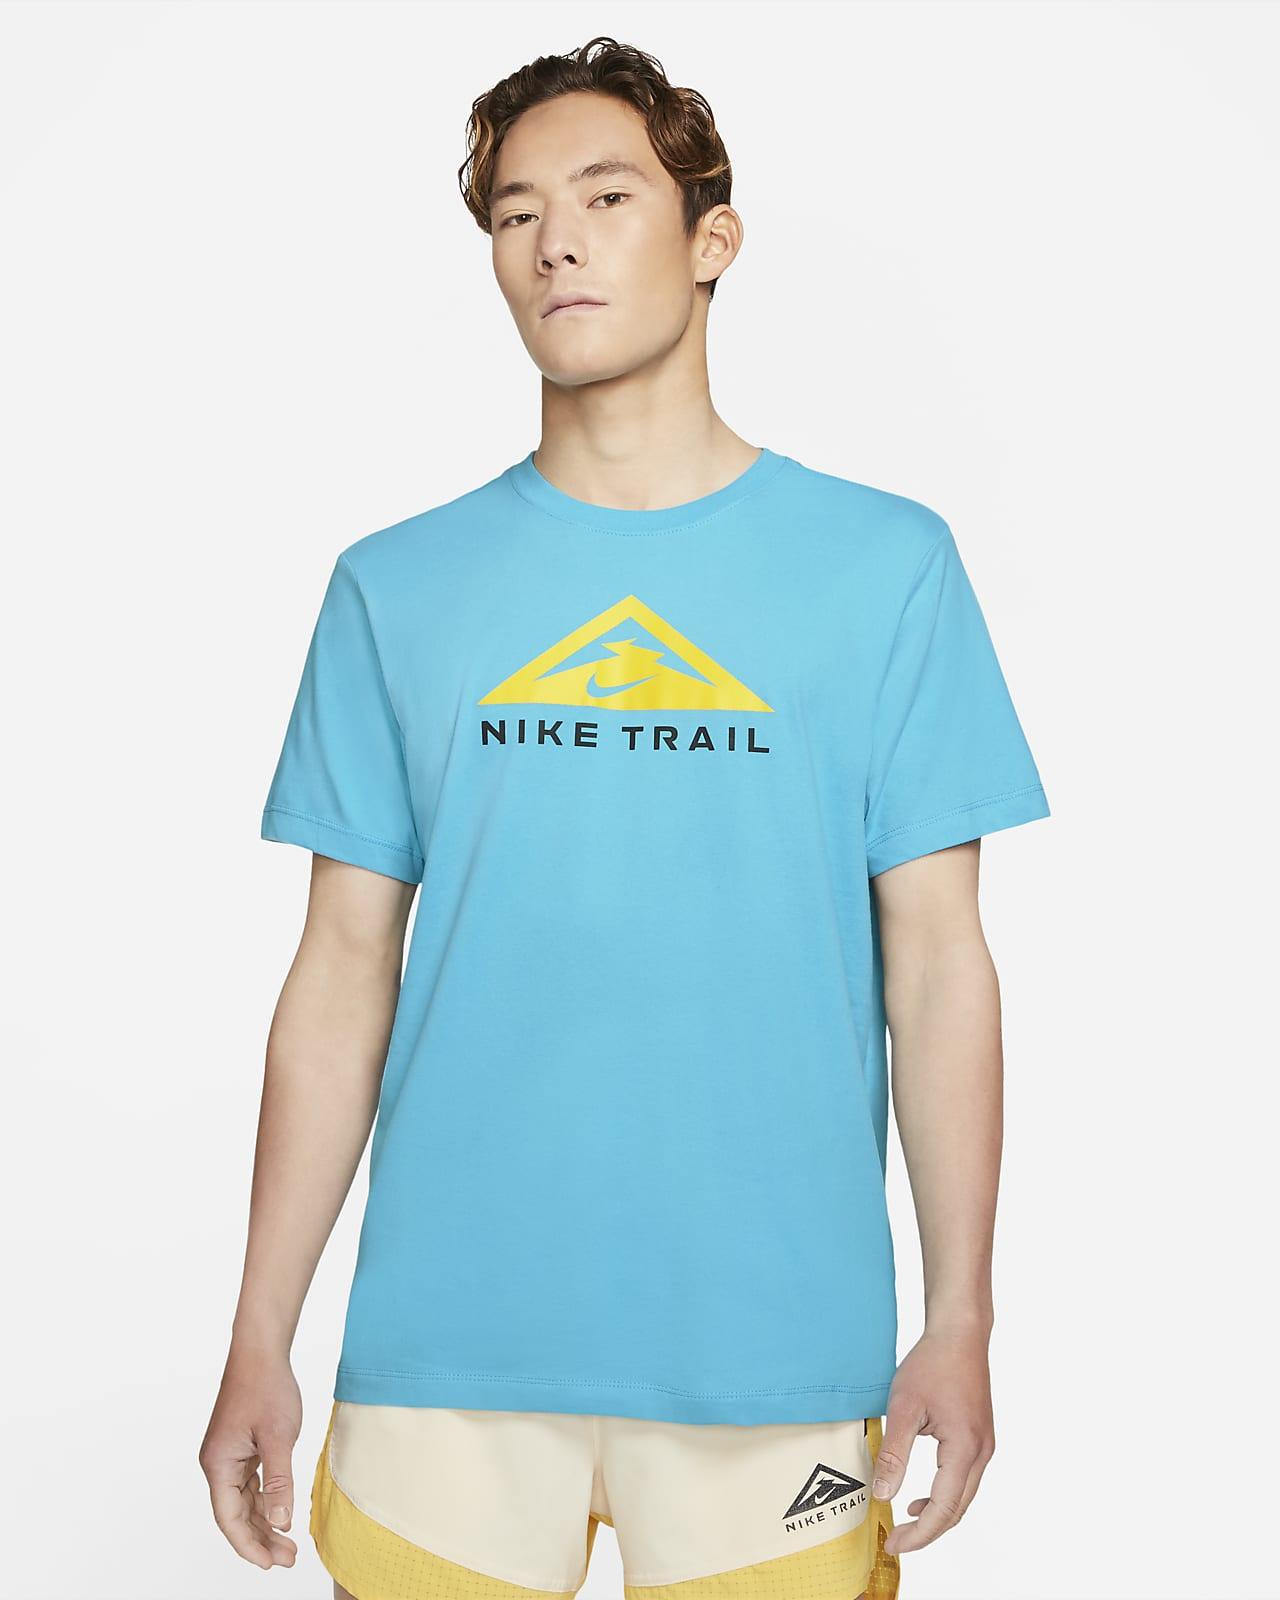 Κοντομάνικο T-Shirt για τρέξιμο σε ανώμαλο δρόμο Nike Dri-FIT